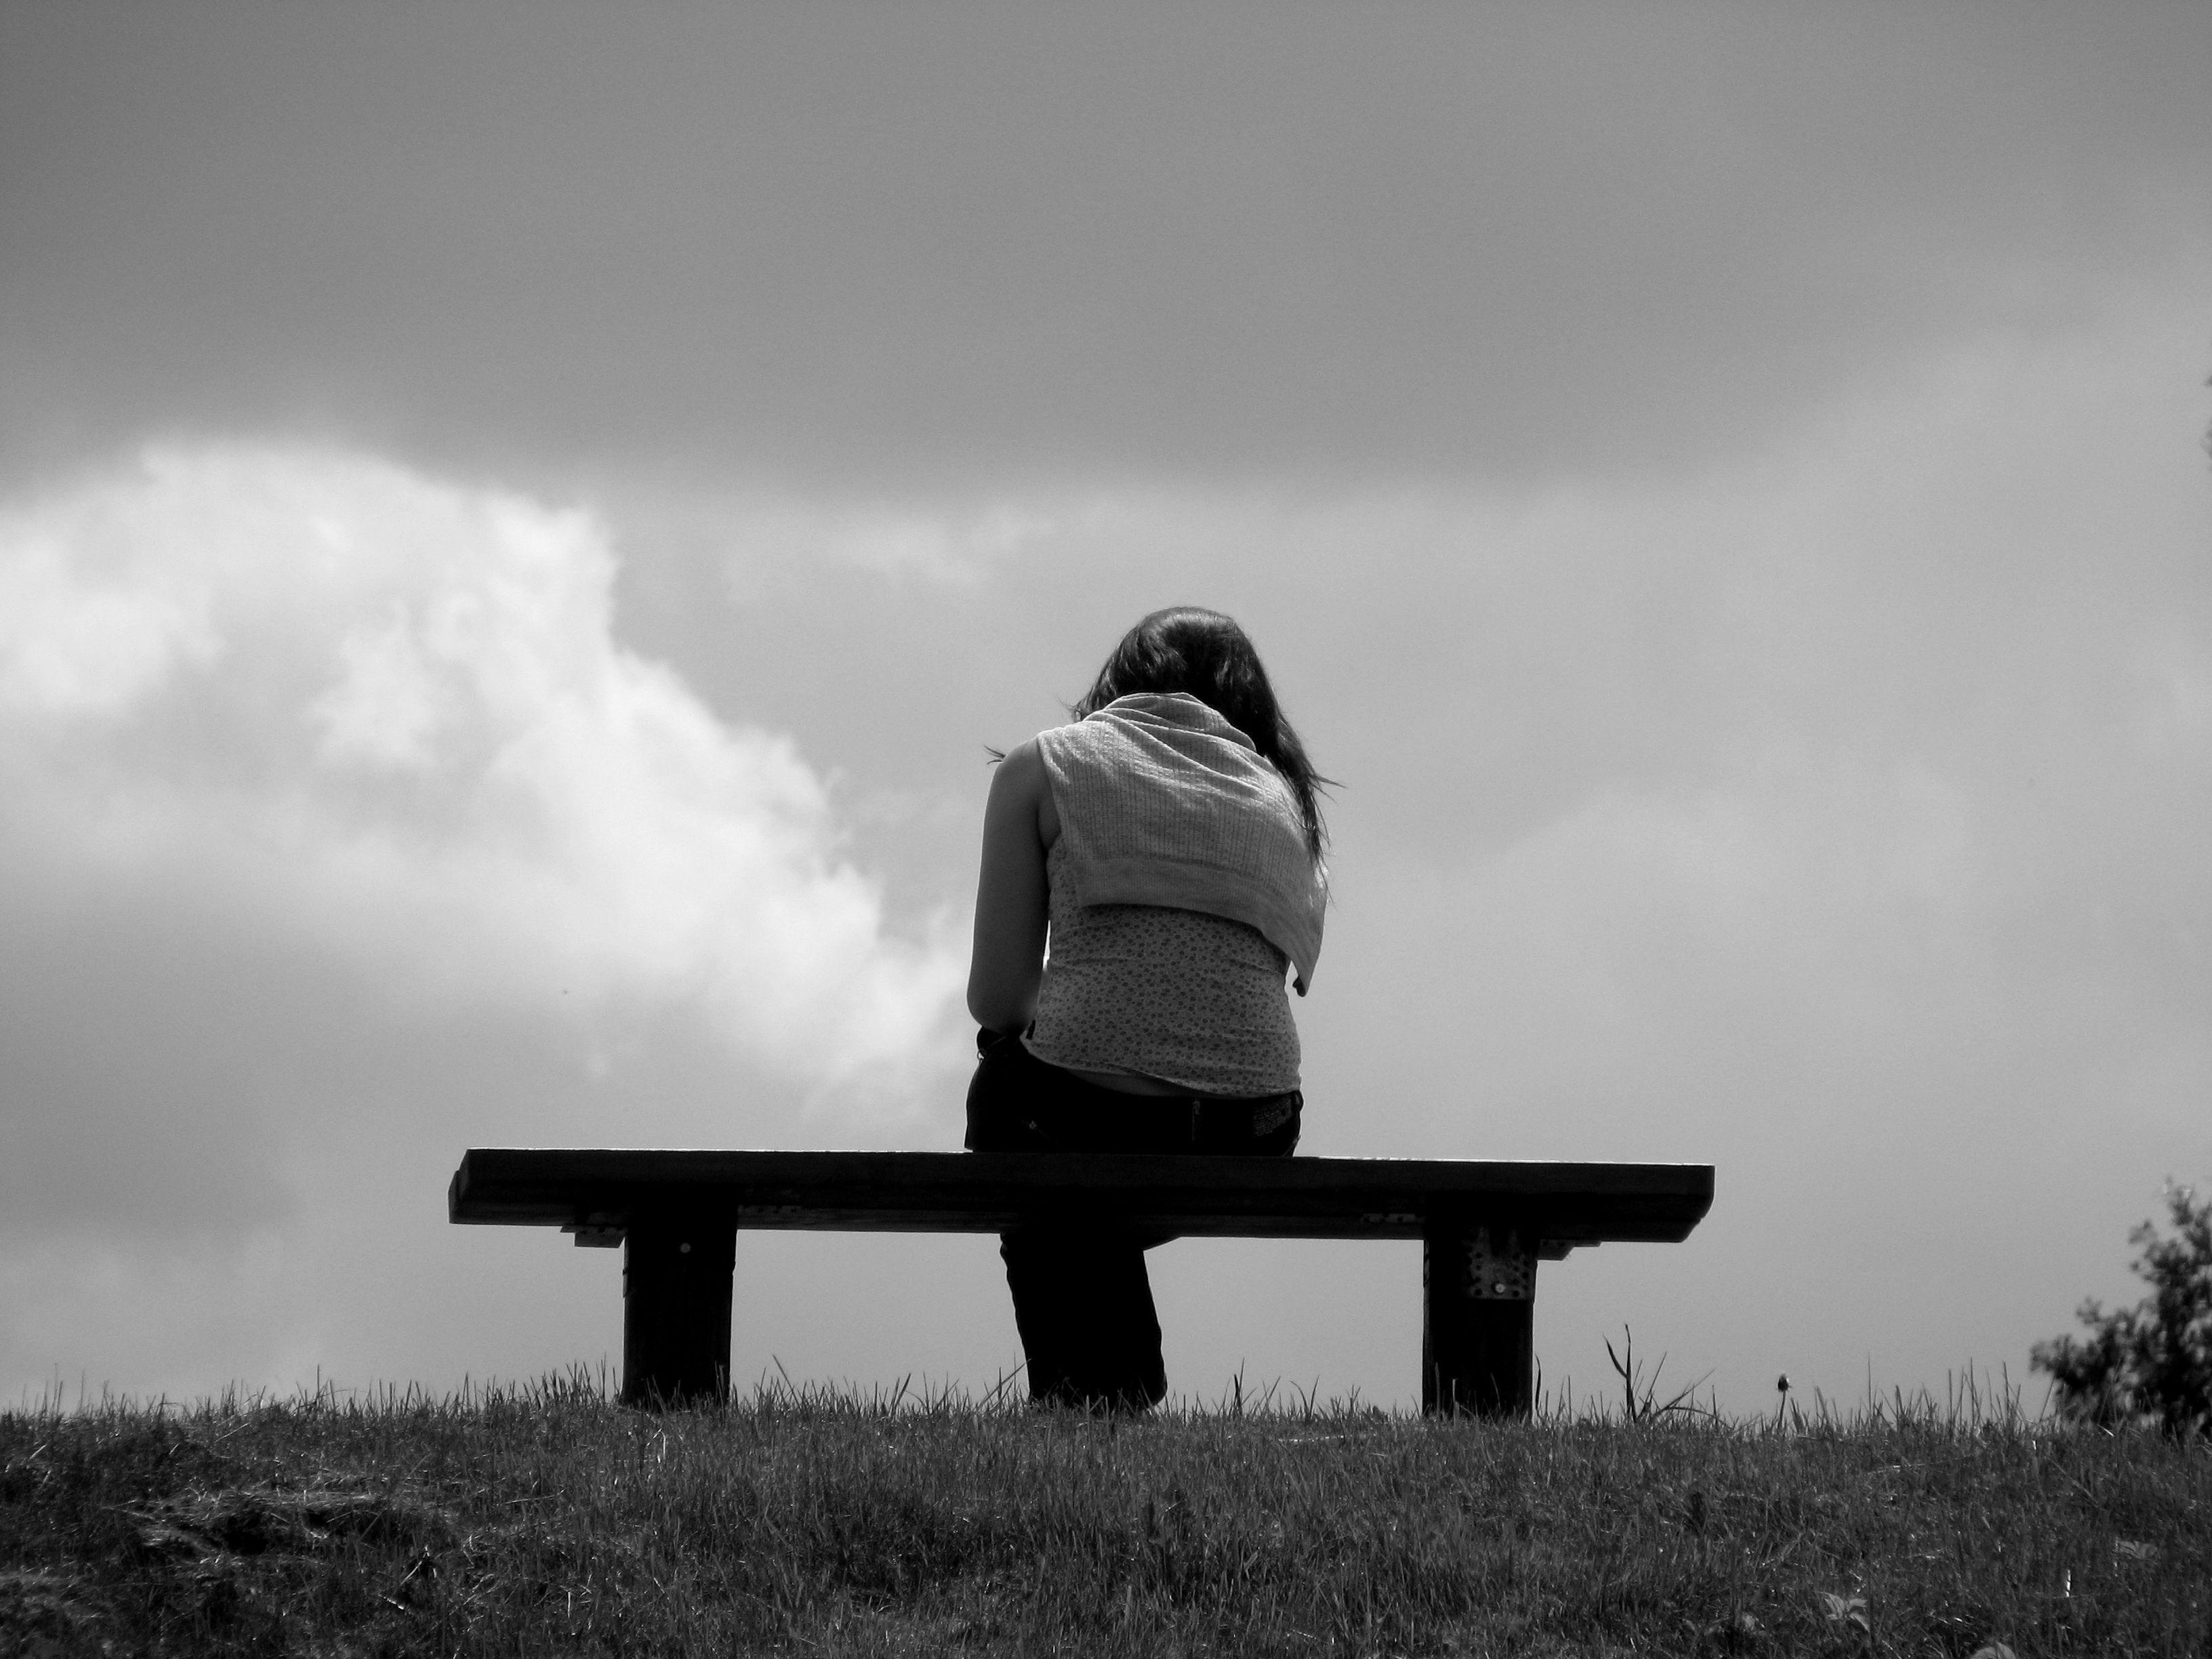 Menepis Sedih Karena Kekasih Kembali Ke Pencipta Datangya